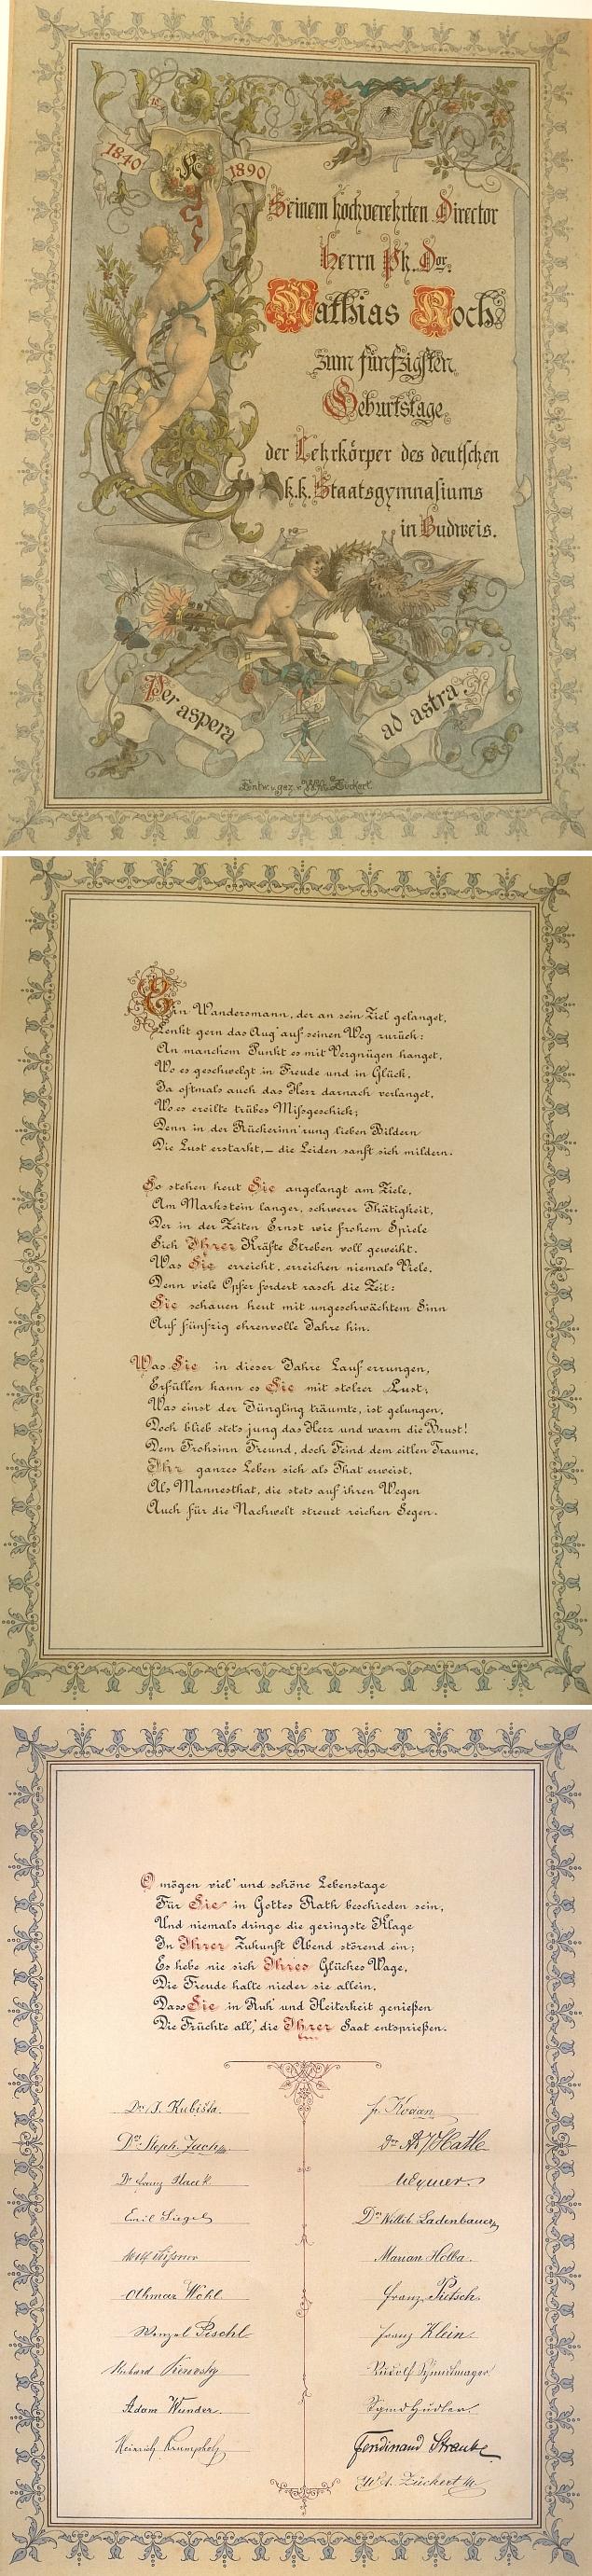 Pozdrav k jeho padesátinám s podpisy členů učitelského sboru německého gymnázia v Českých Budějovicích